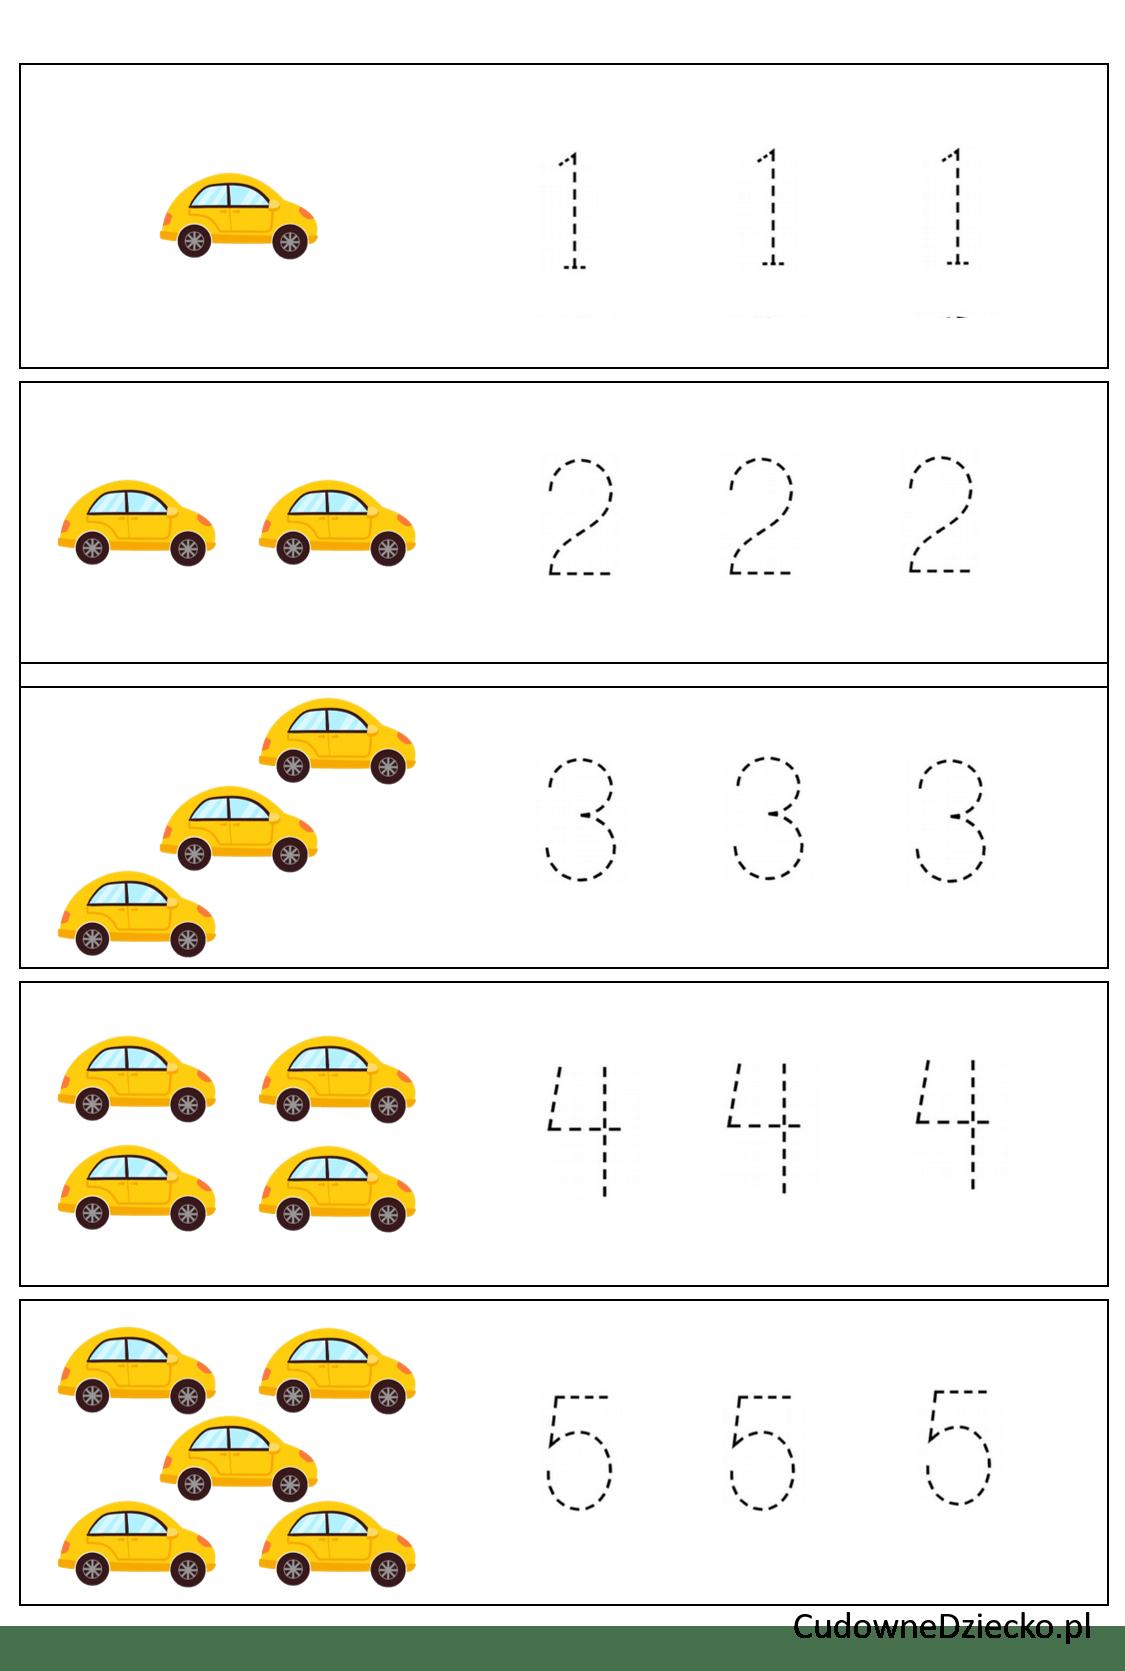 Zadania Matematyczne Dla Przedszkolaków Dziecko 5 Lat Pisanie Cyfr